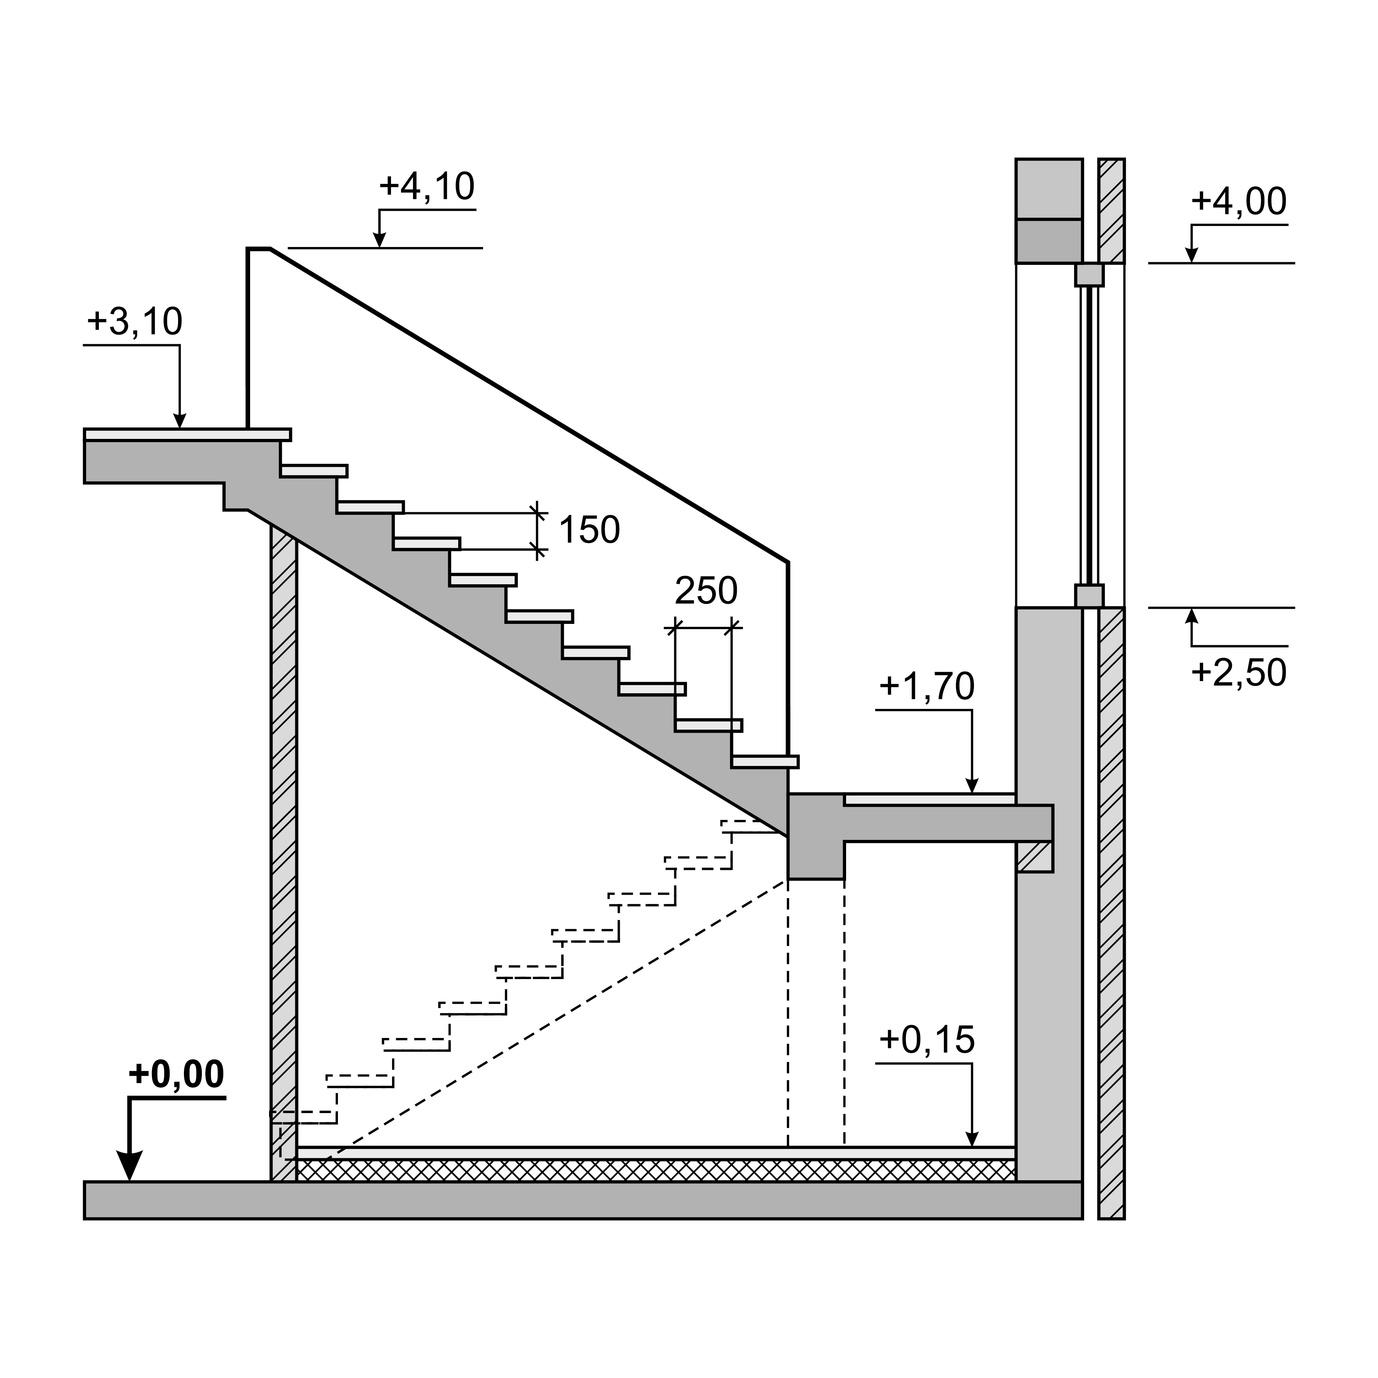 vorsicht treppe tipps f r mehr sicherheit behringer. Black Bedroom Furniture Sets. Home Design Ideas